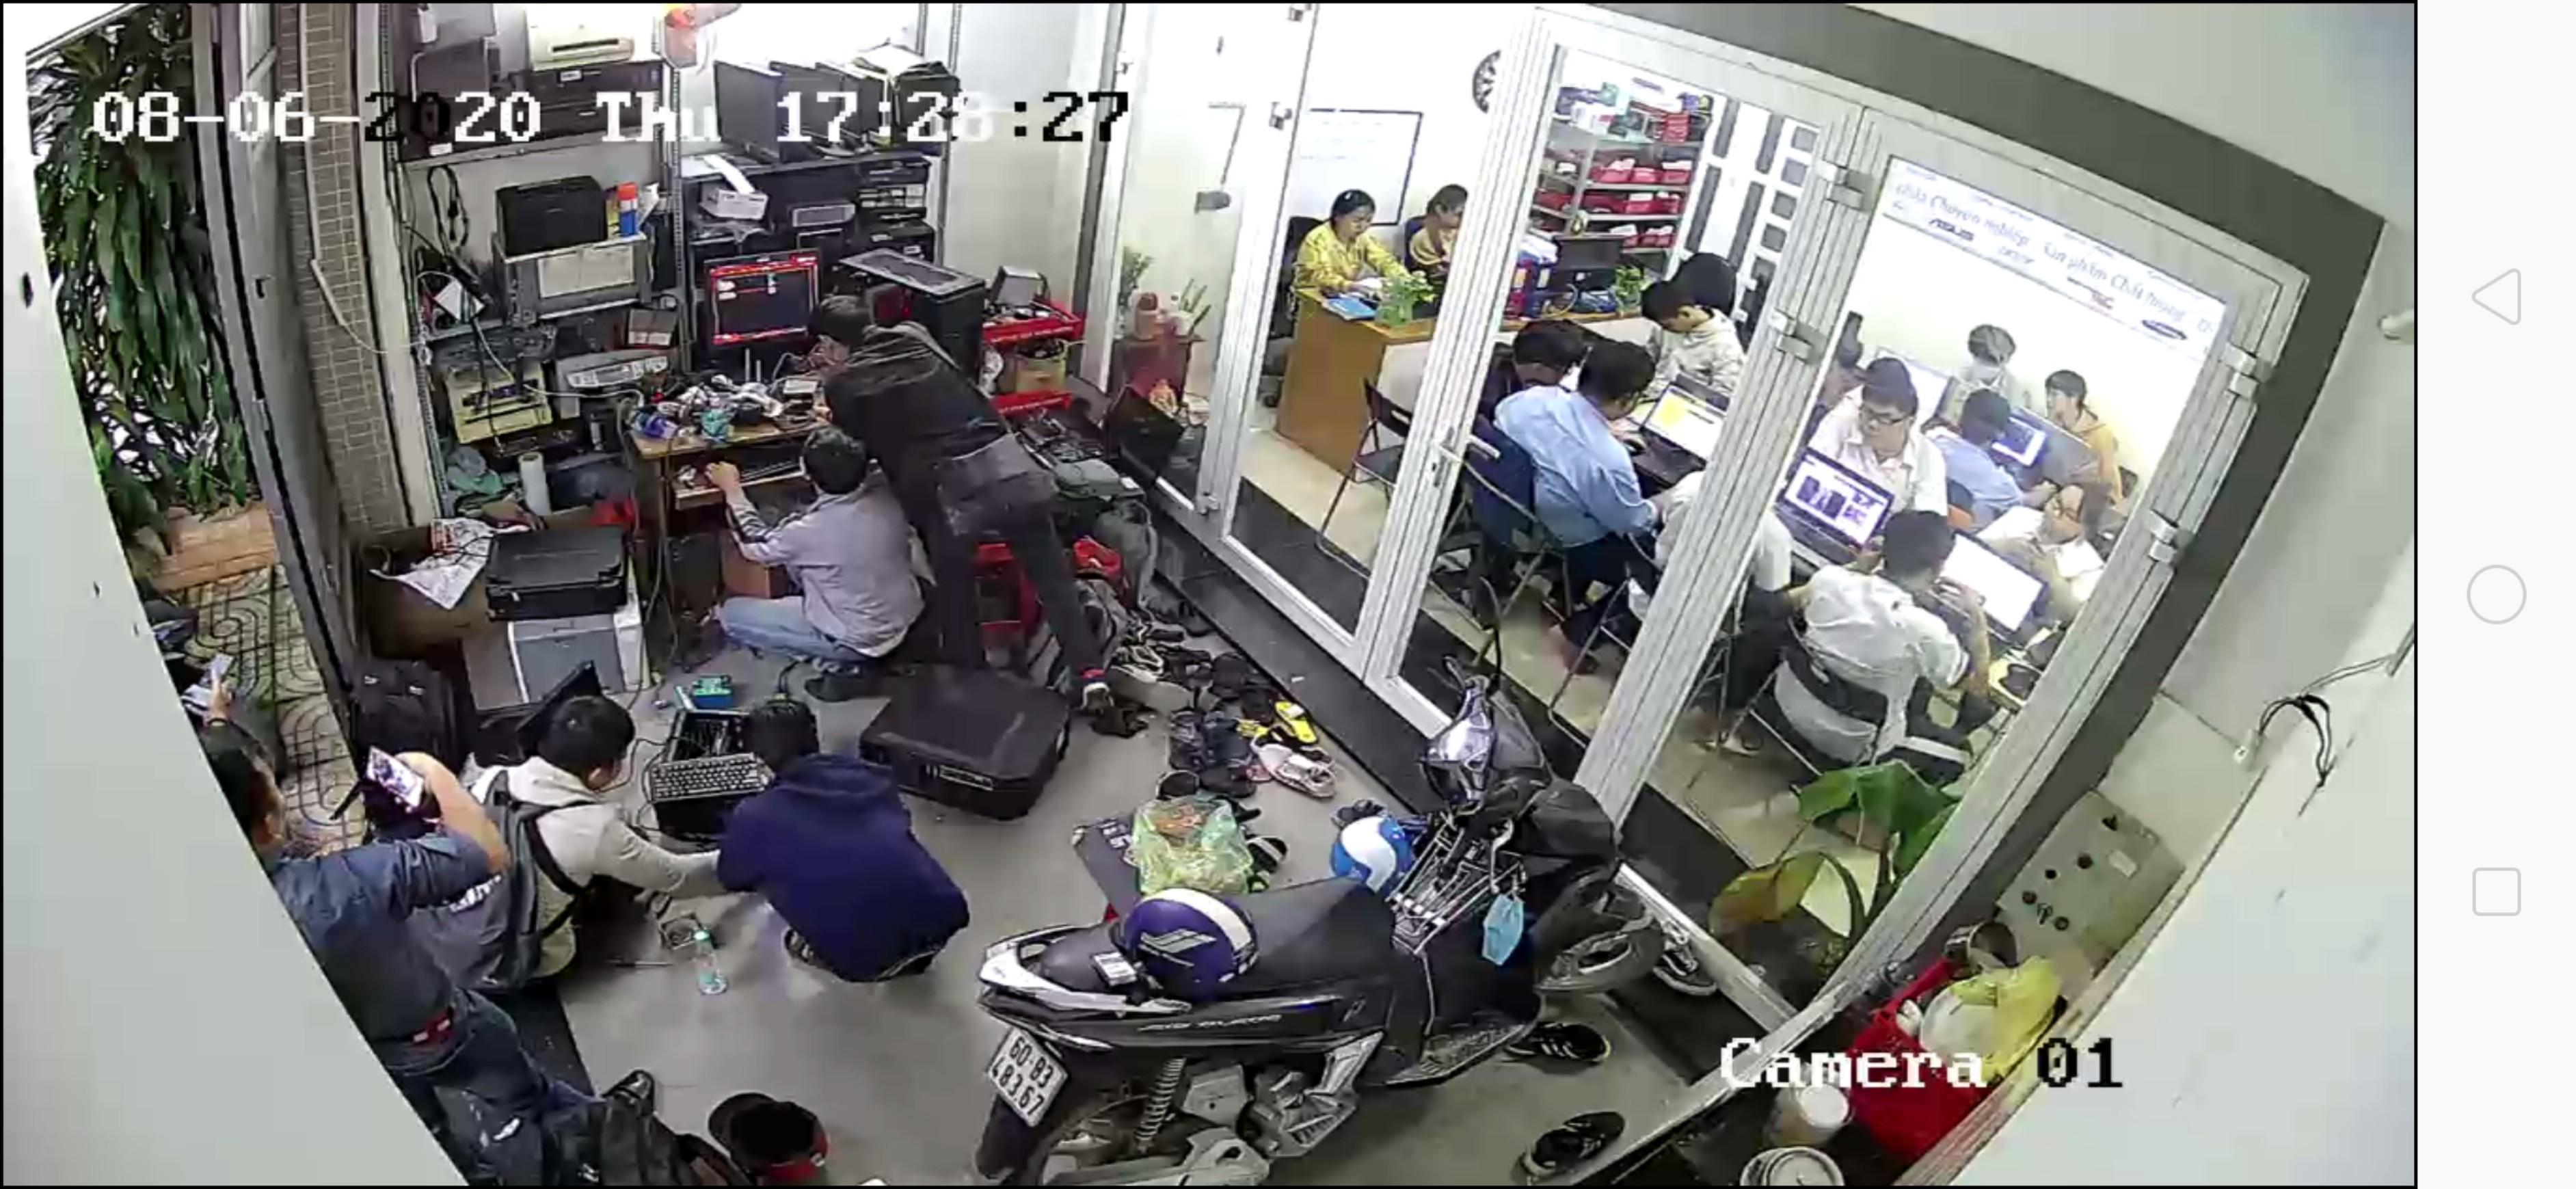 Công Ty Dịch Vụ Bảo Trì Máy Tính Tận Nơi Huyện Hóc Môn Uy Tín Nhanh